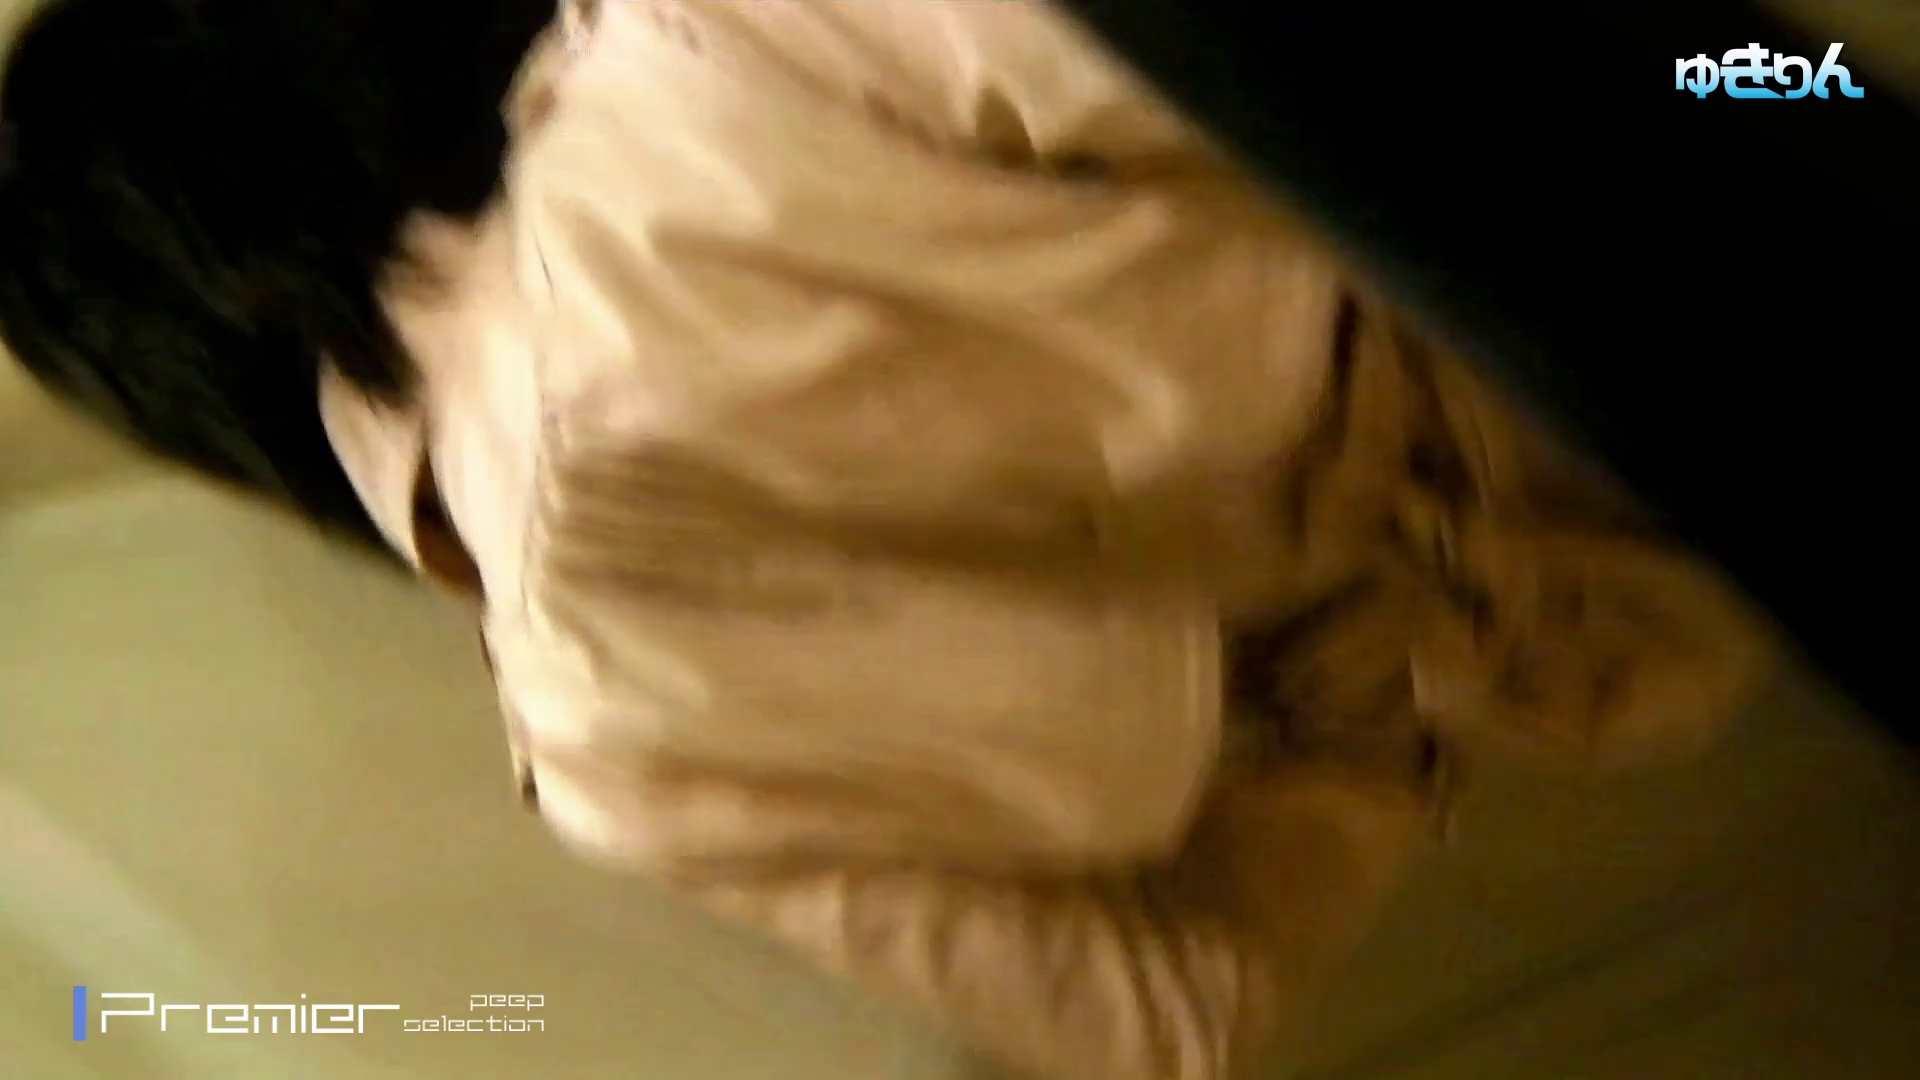 新世界の射窓 No98 キターッ特別に可愛い子の為、外まで粘着追い撮り!! 美肌 | 洗面所のぞき  110枚 97